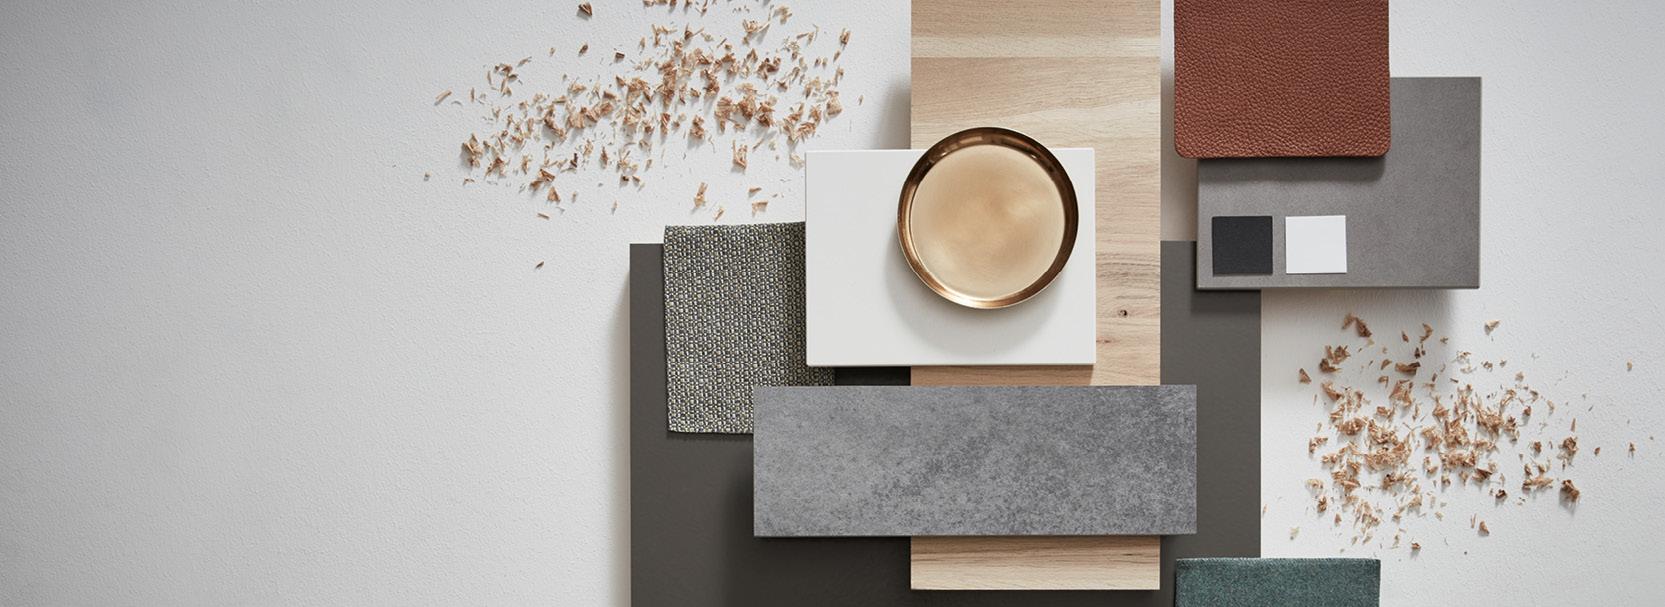 wohnzimmermobel marken, wohnzimmer - möbel und küchen in auerbach nahe pegnitz | bundscherer, Design ideen